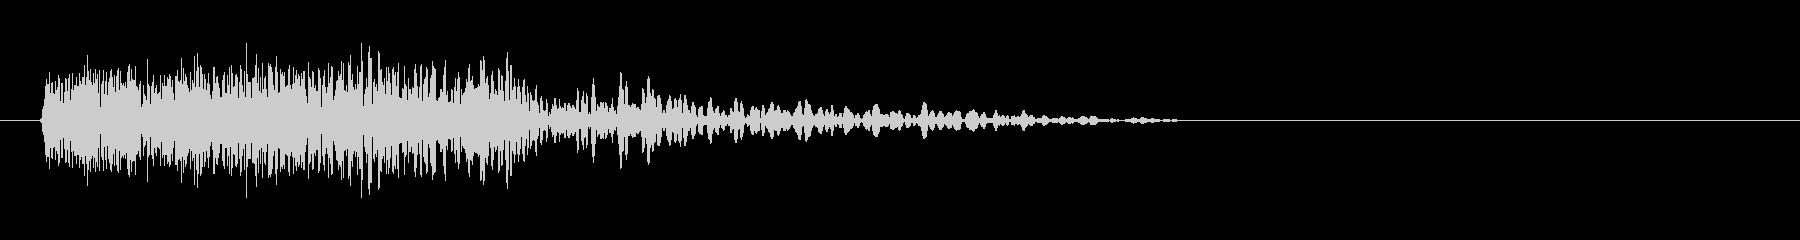 ベタなhiphop風の効果音の未再生の波形